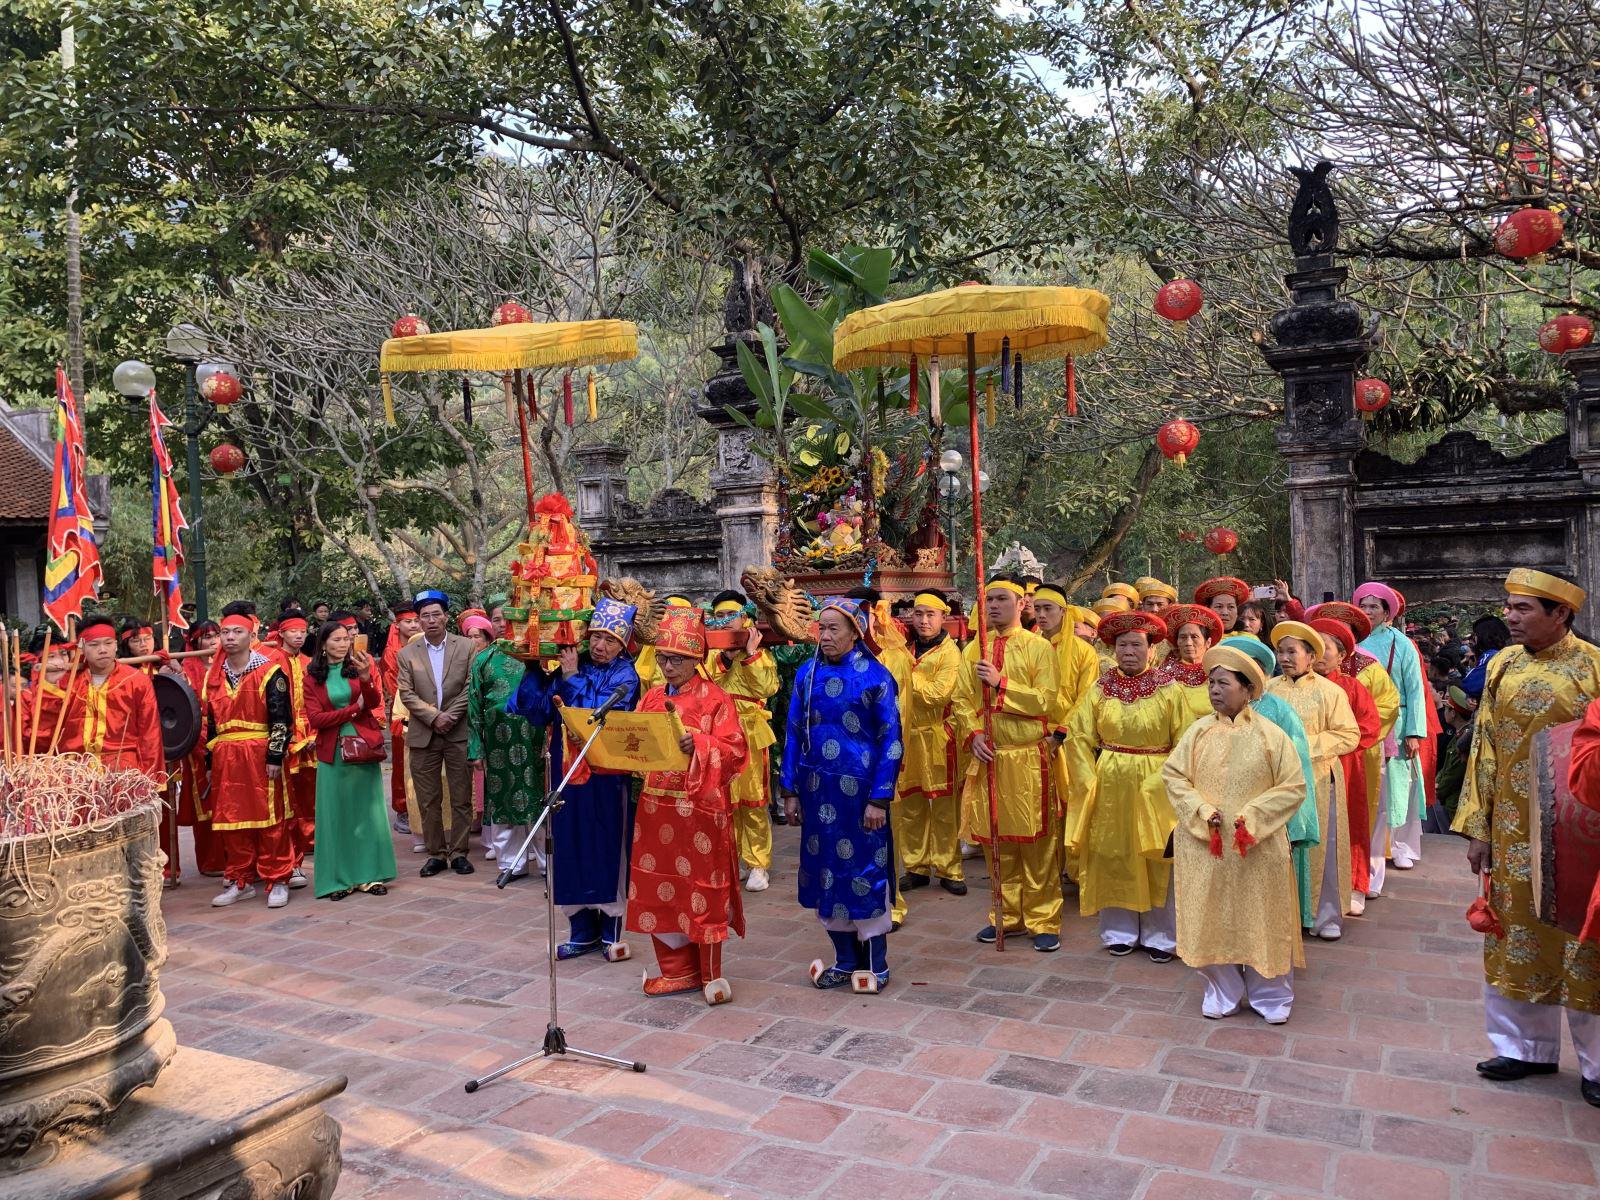 Đền Sóc Sơn được công nhận là điểm du lịch của Hà Nội - Ảnh 1.